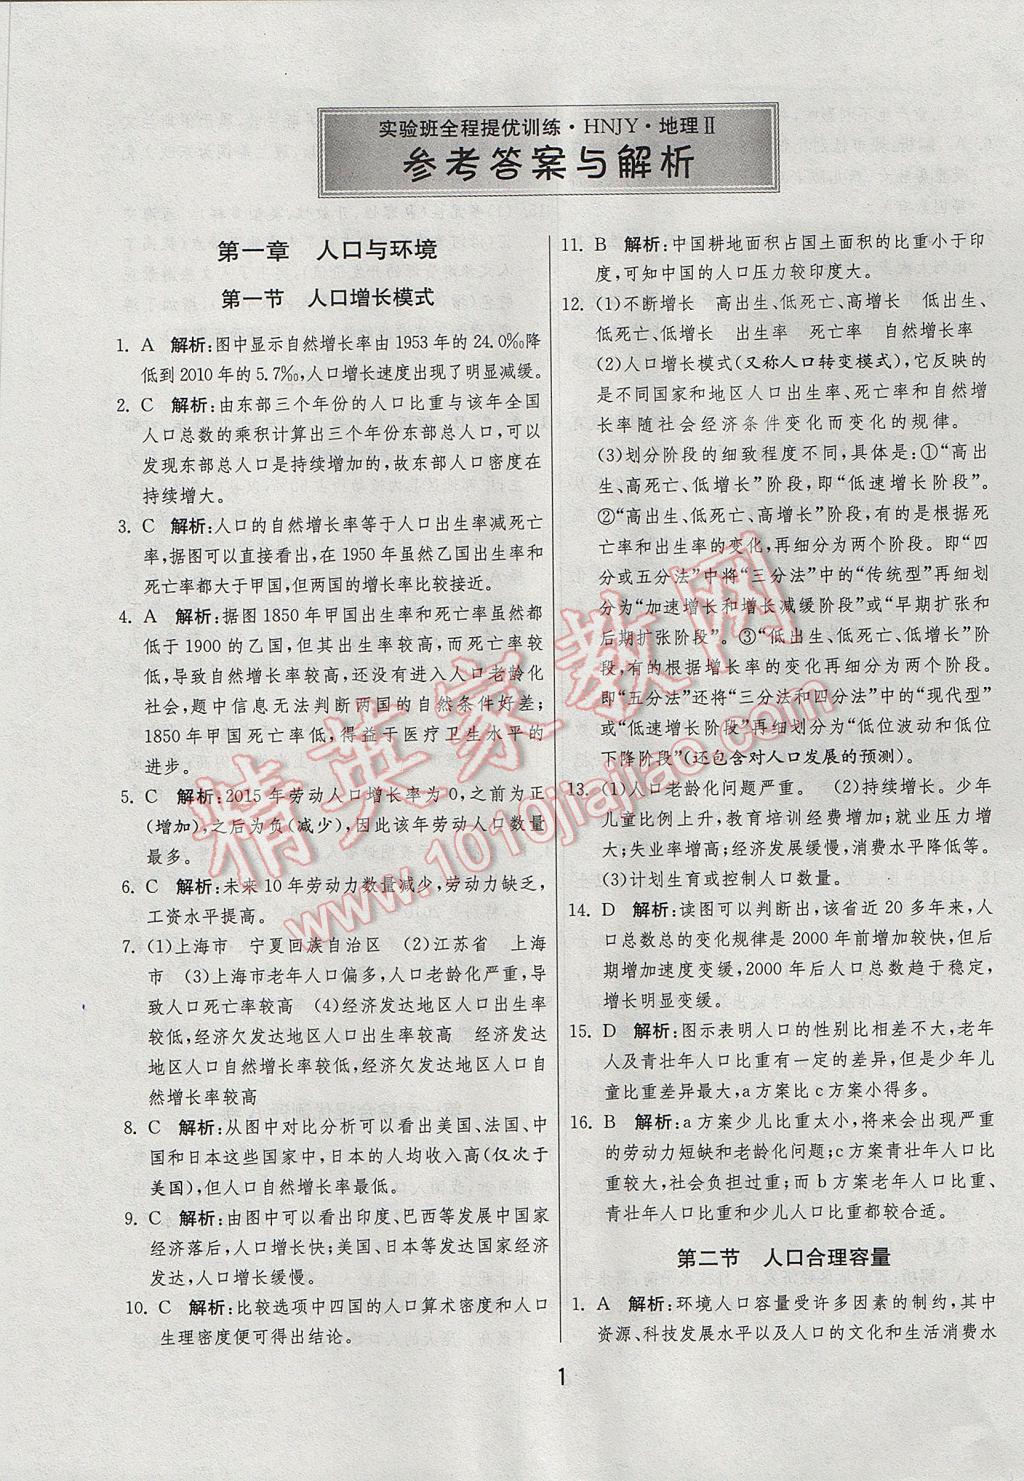 实验班全程提优训练地理必修2湘教版参考答案第1页